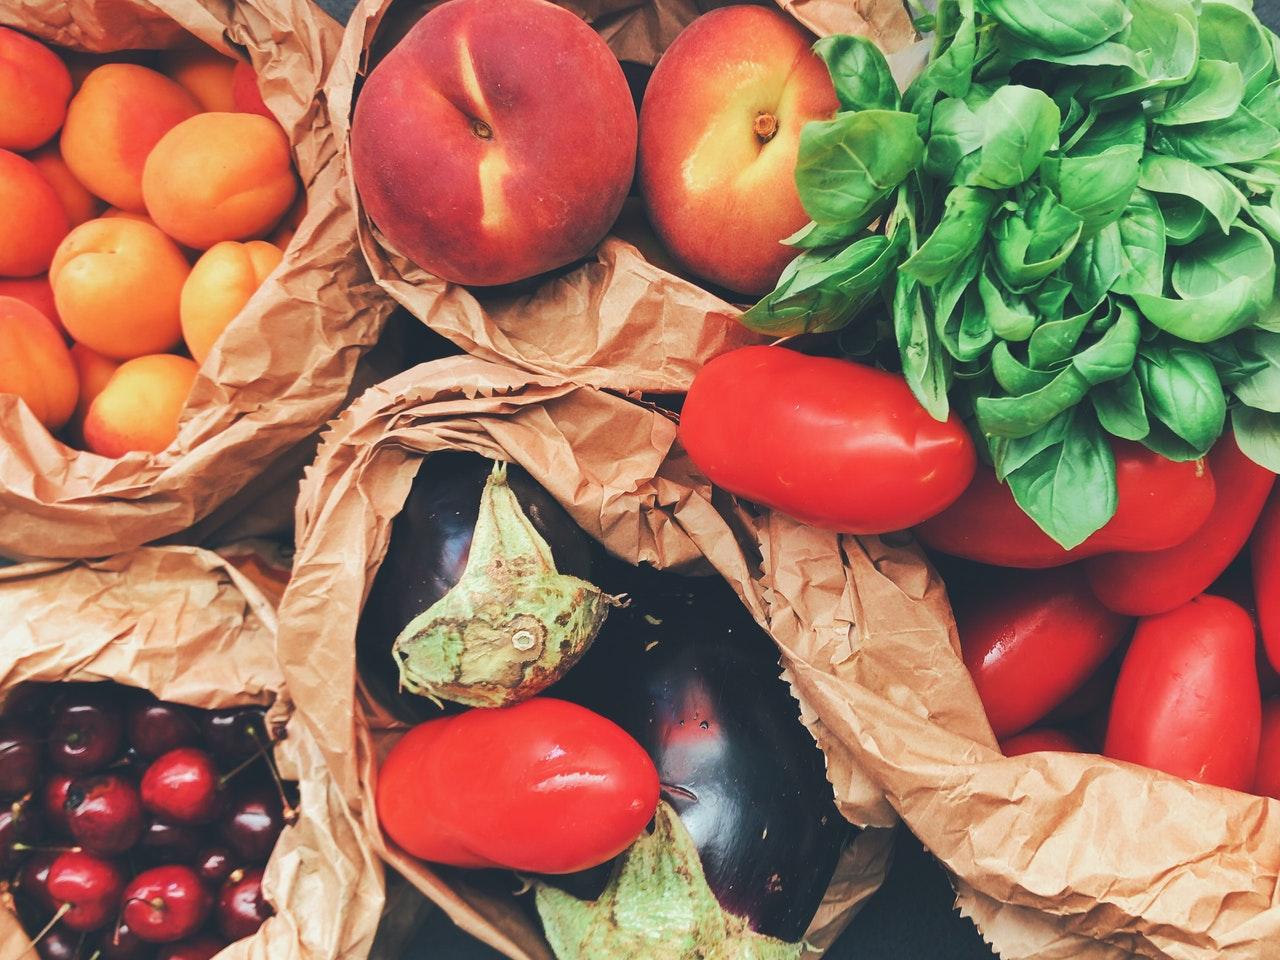 Rocznie wyrzucamy 5 milionów ton żywności! Jak nie marnować jedzenia? - Zdjęcie główne